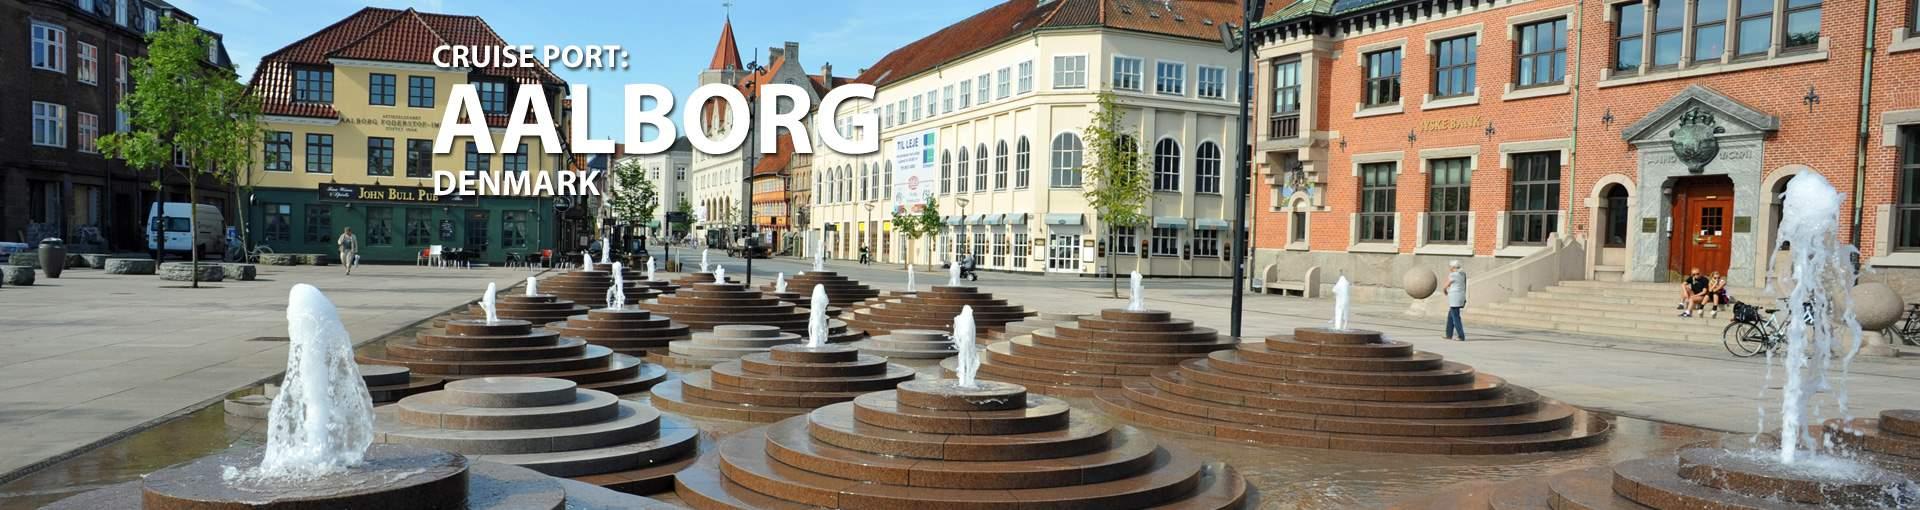 Cruises to Aalborg, Denmark